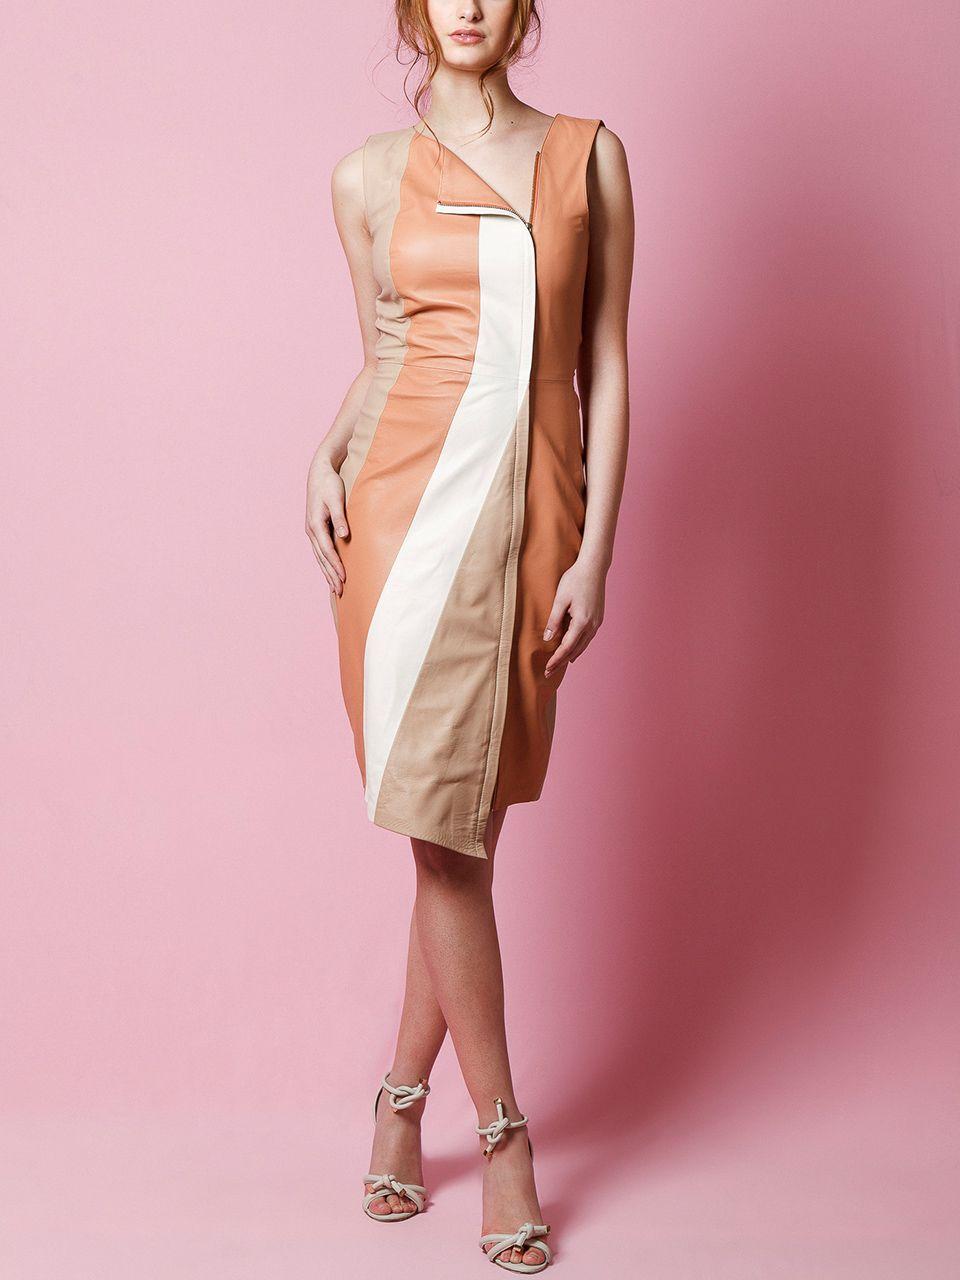 Vestido em Couro com Recortes Assimétricos - Liziane Richter